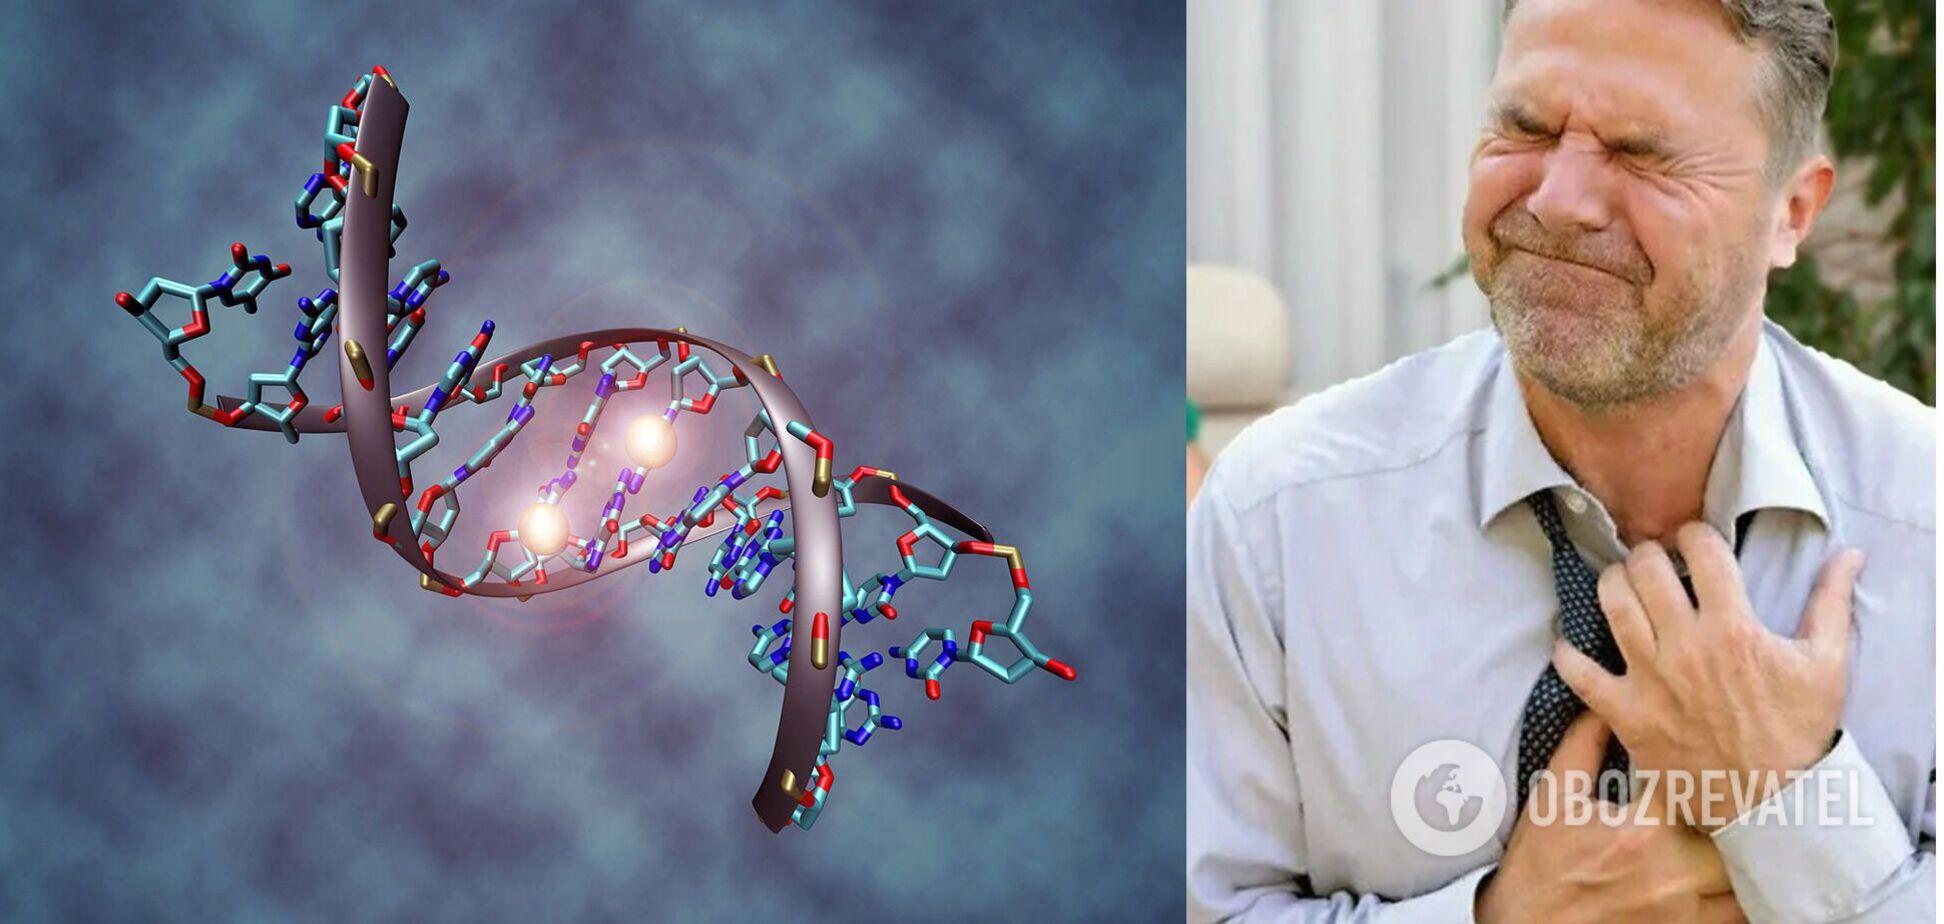 Виявлено сигнатури ДНК, пов'язані з серцевими захворюваннями